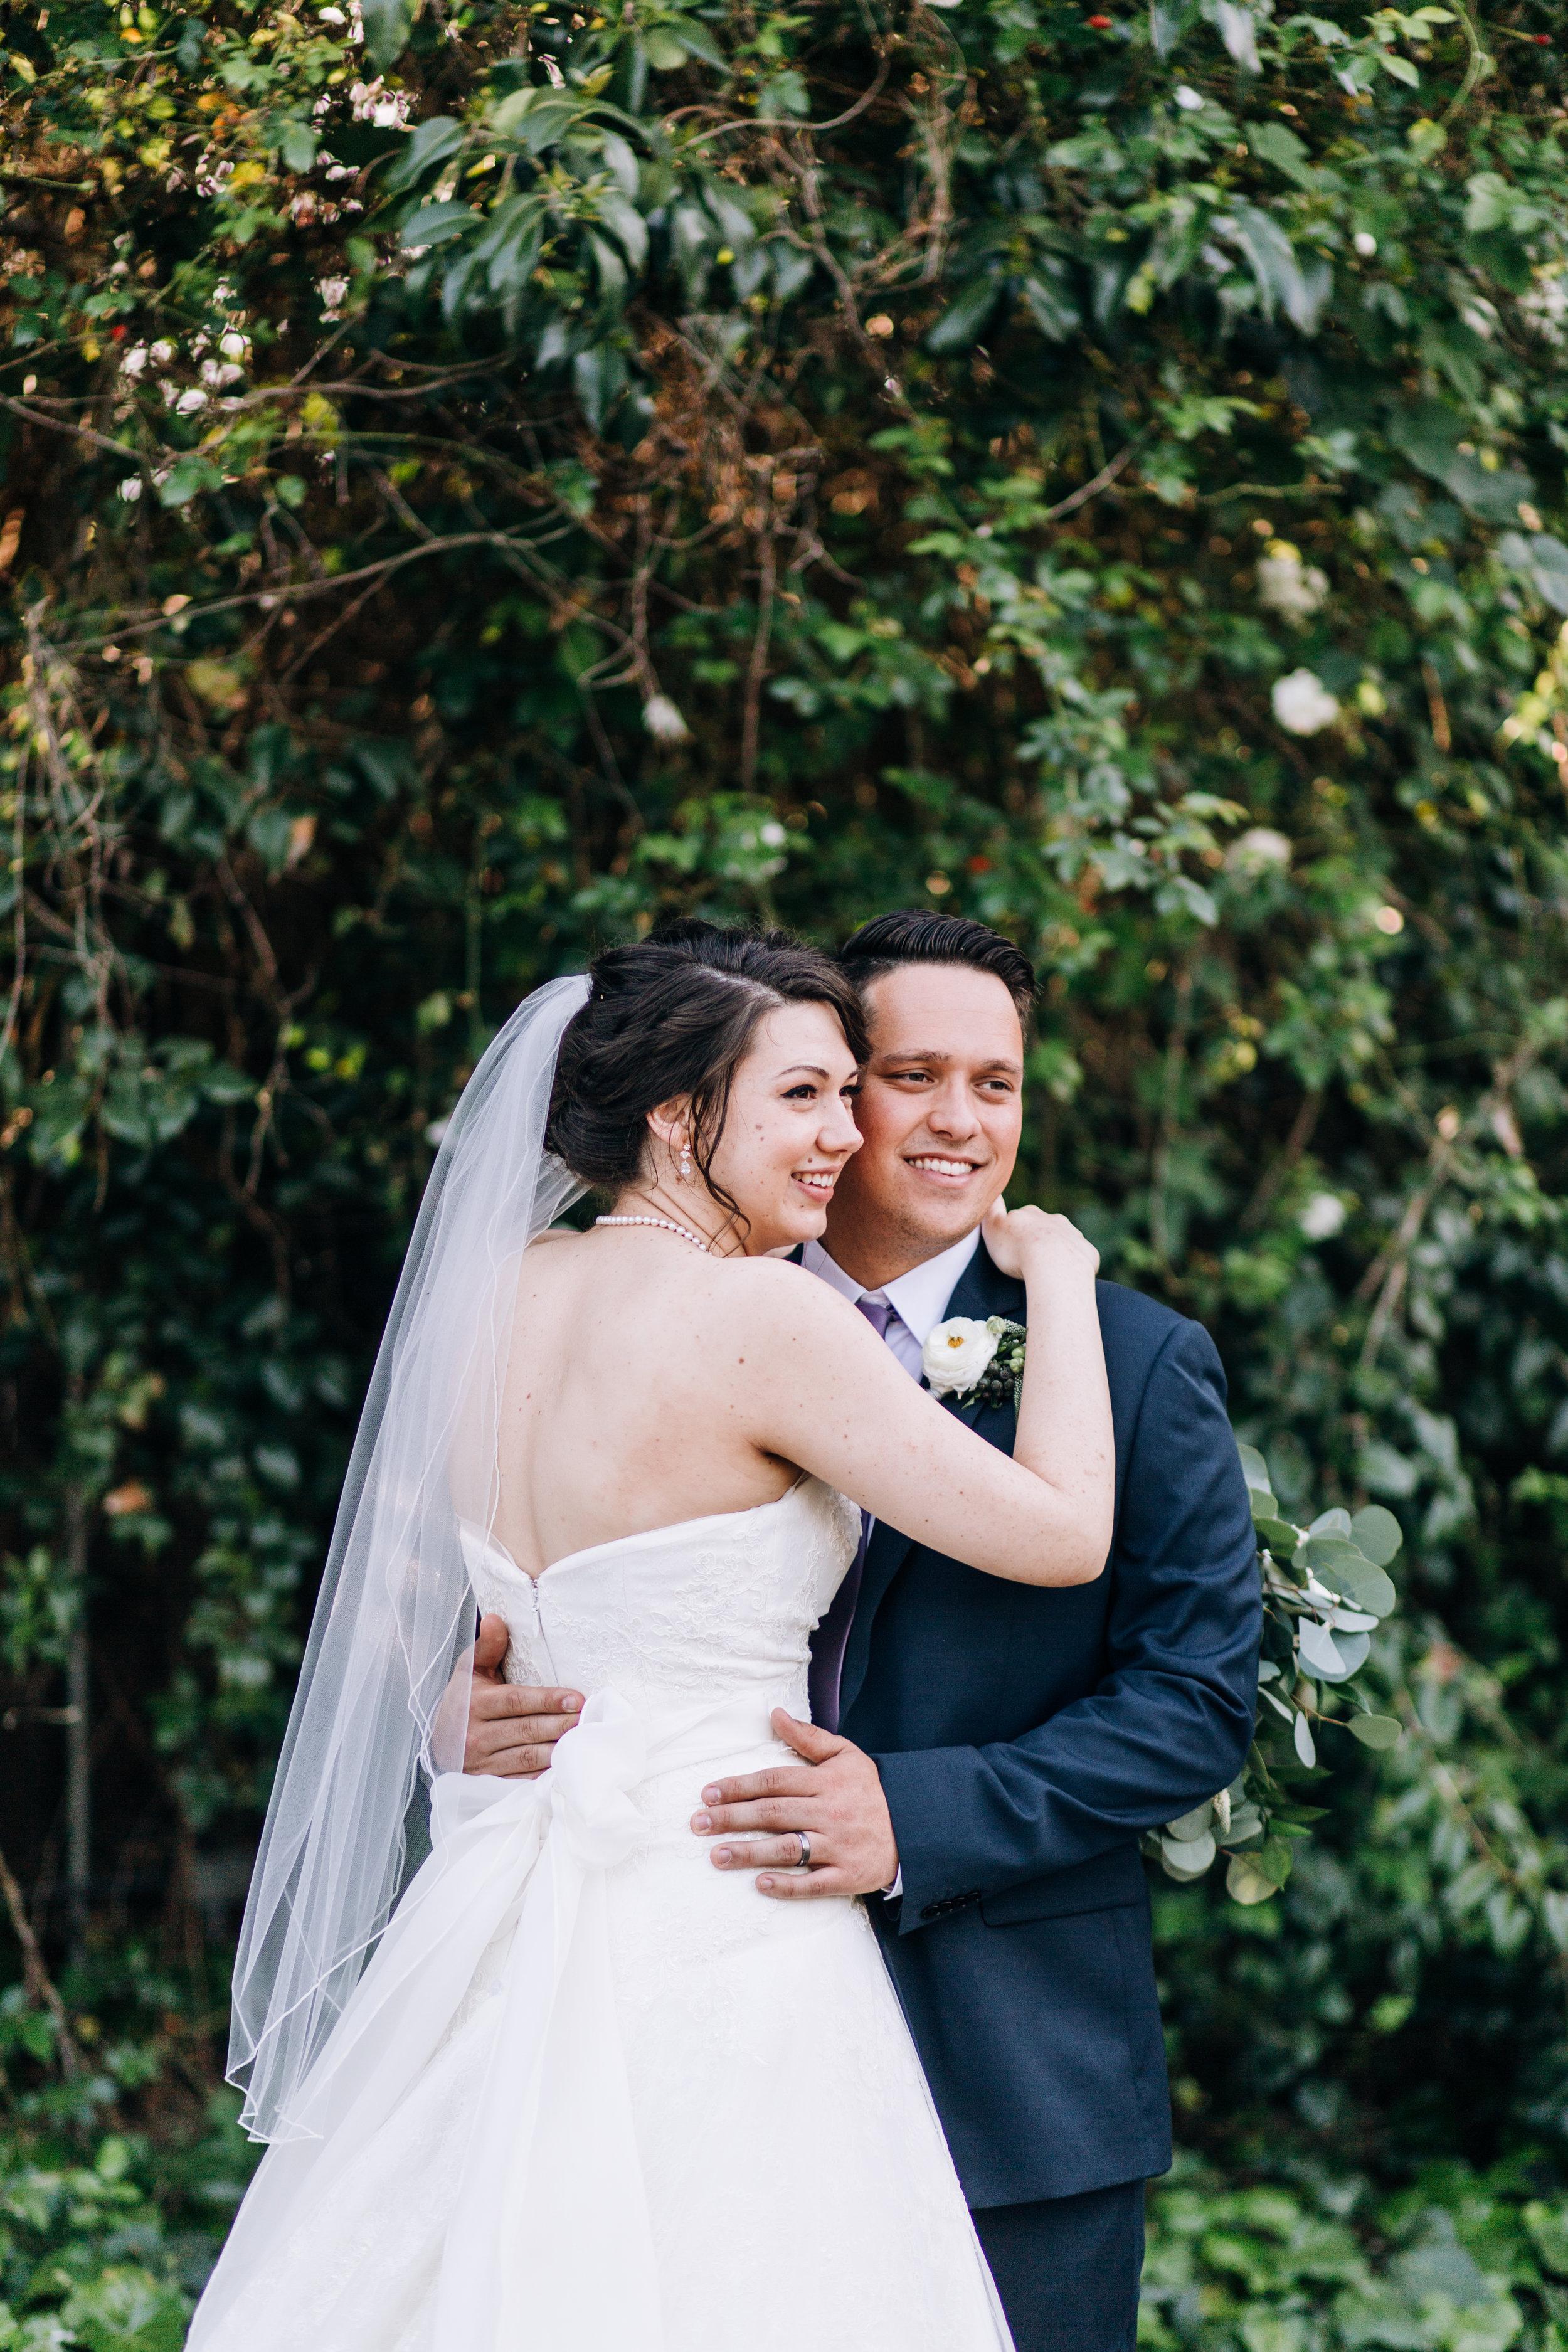 KaraNixonWeddings-SanMarcos-Wedding-63.jpg